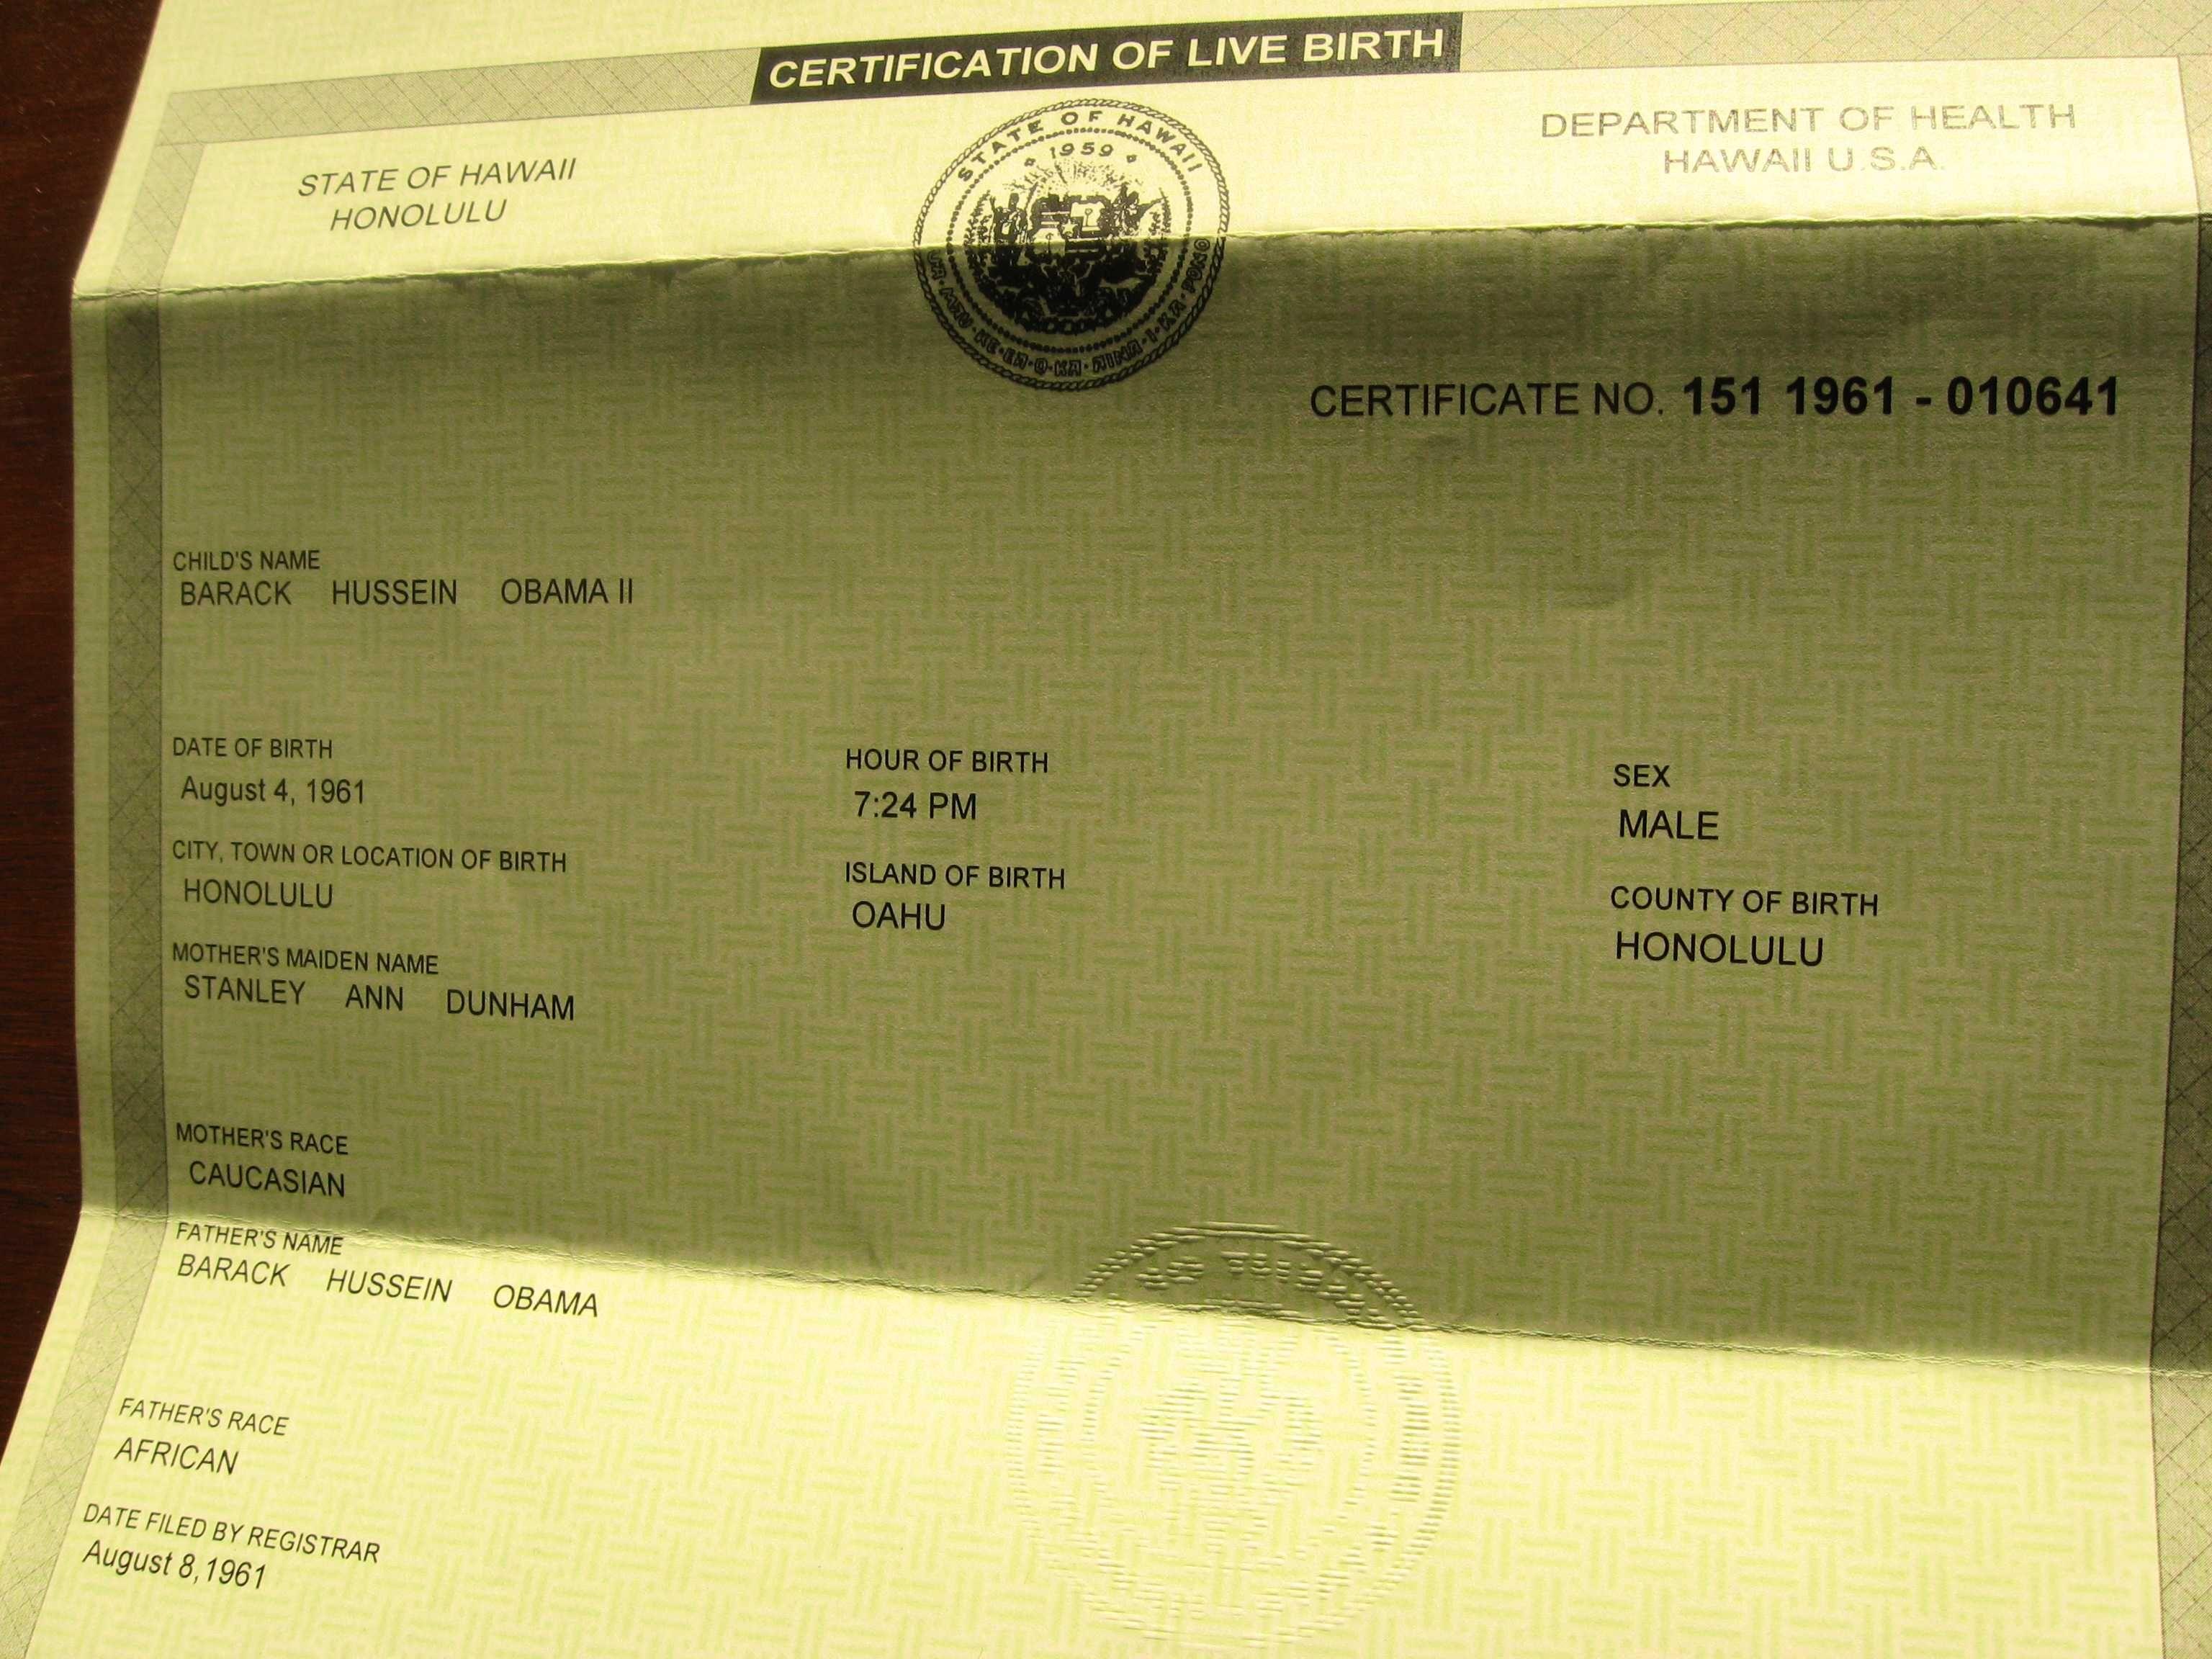 Barack Obama The Birth Certificate Controversy Controversies